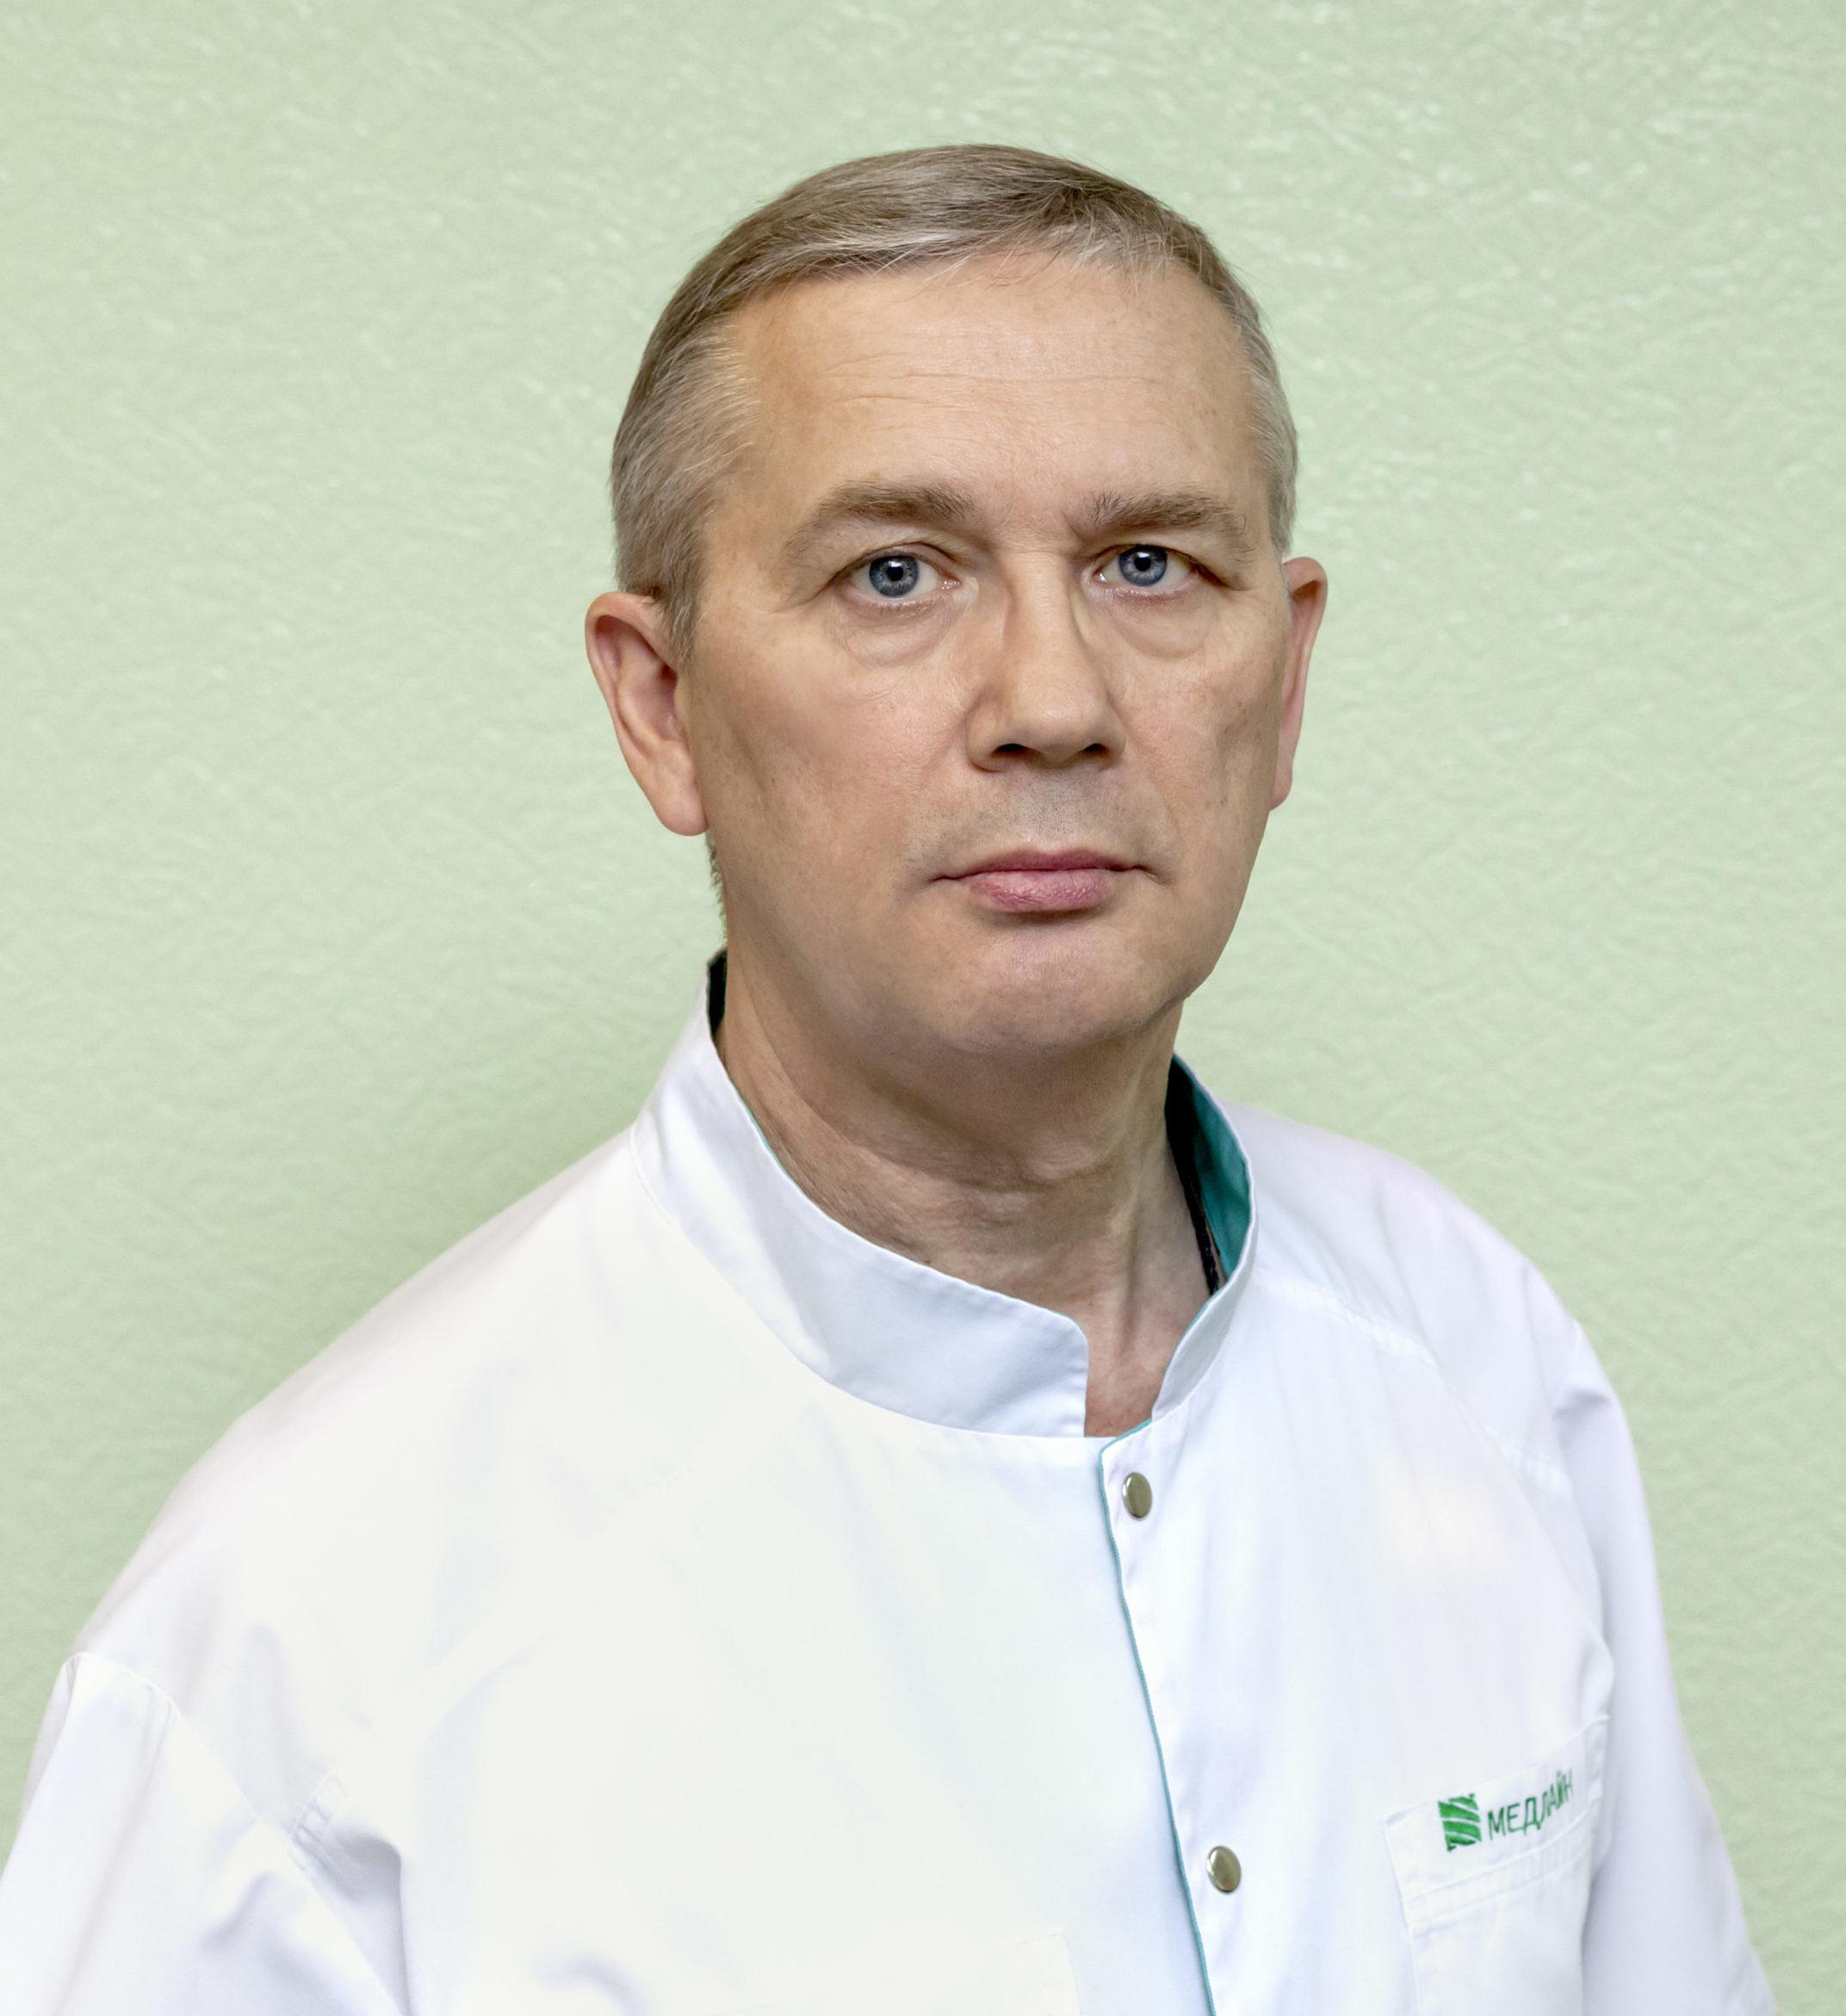 Новокрещенов Константин Илларионович